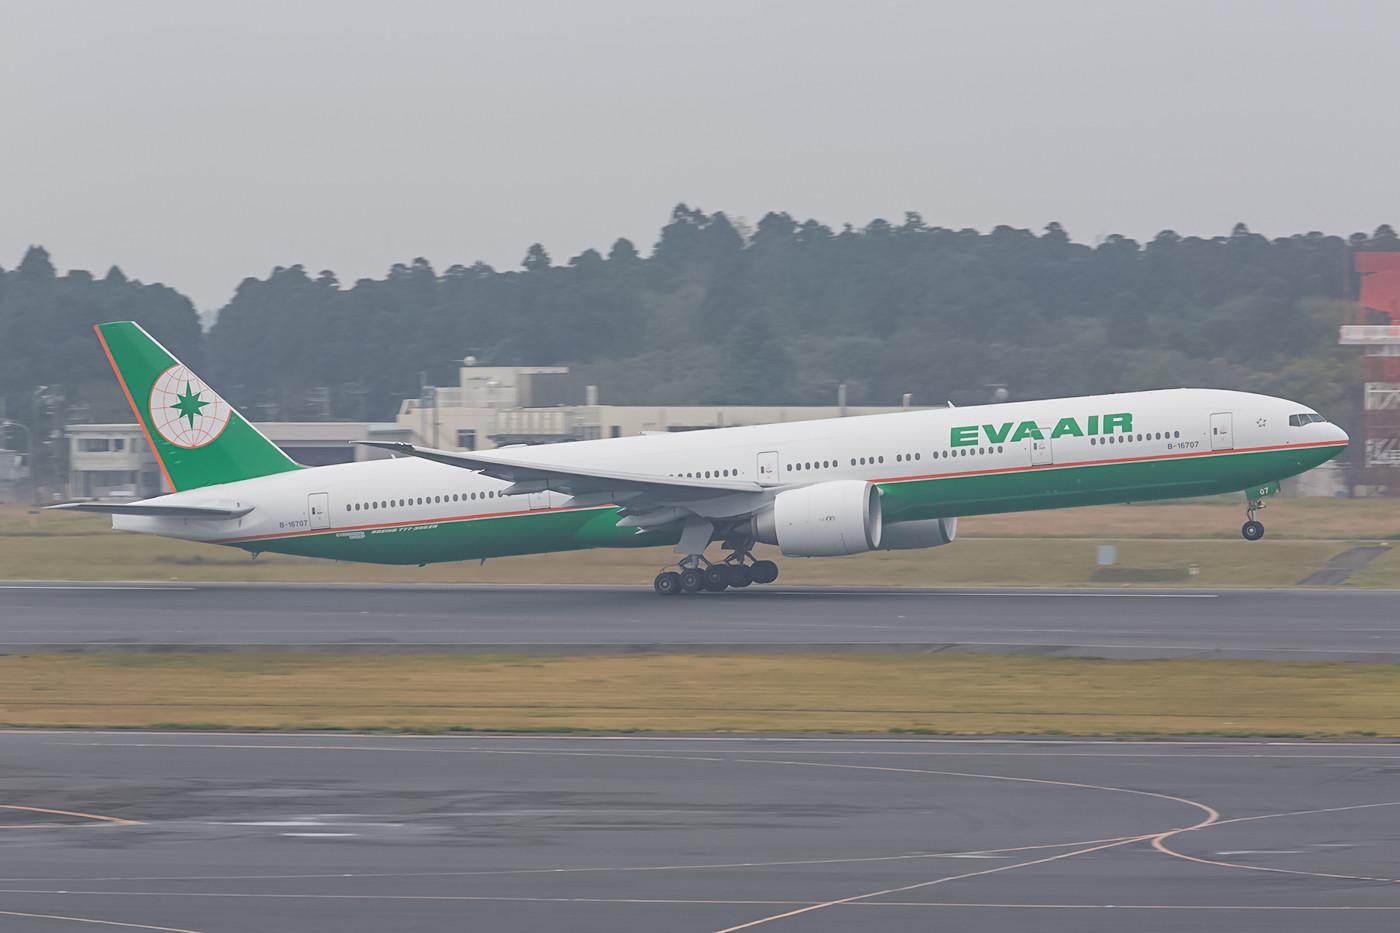 Täglich mehrmals pendelt Eva Air zwischen Narita und Taiwan. Zum Einsatz kommen dabei auch Beoing 777-300ER.